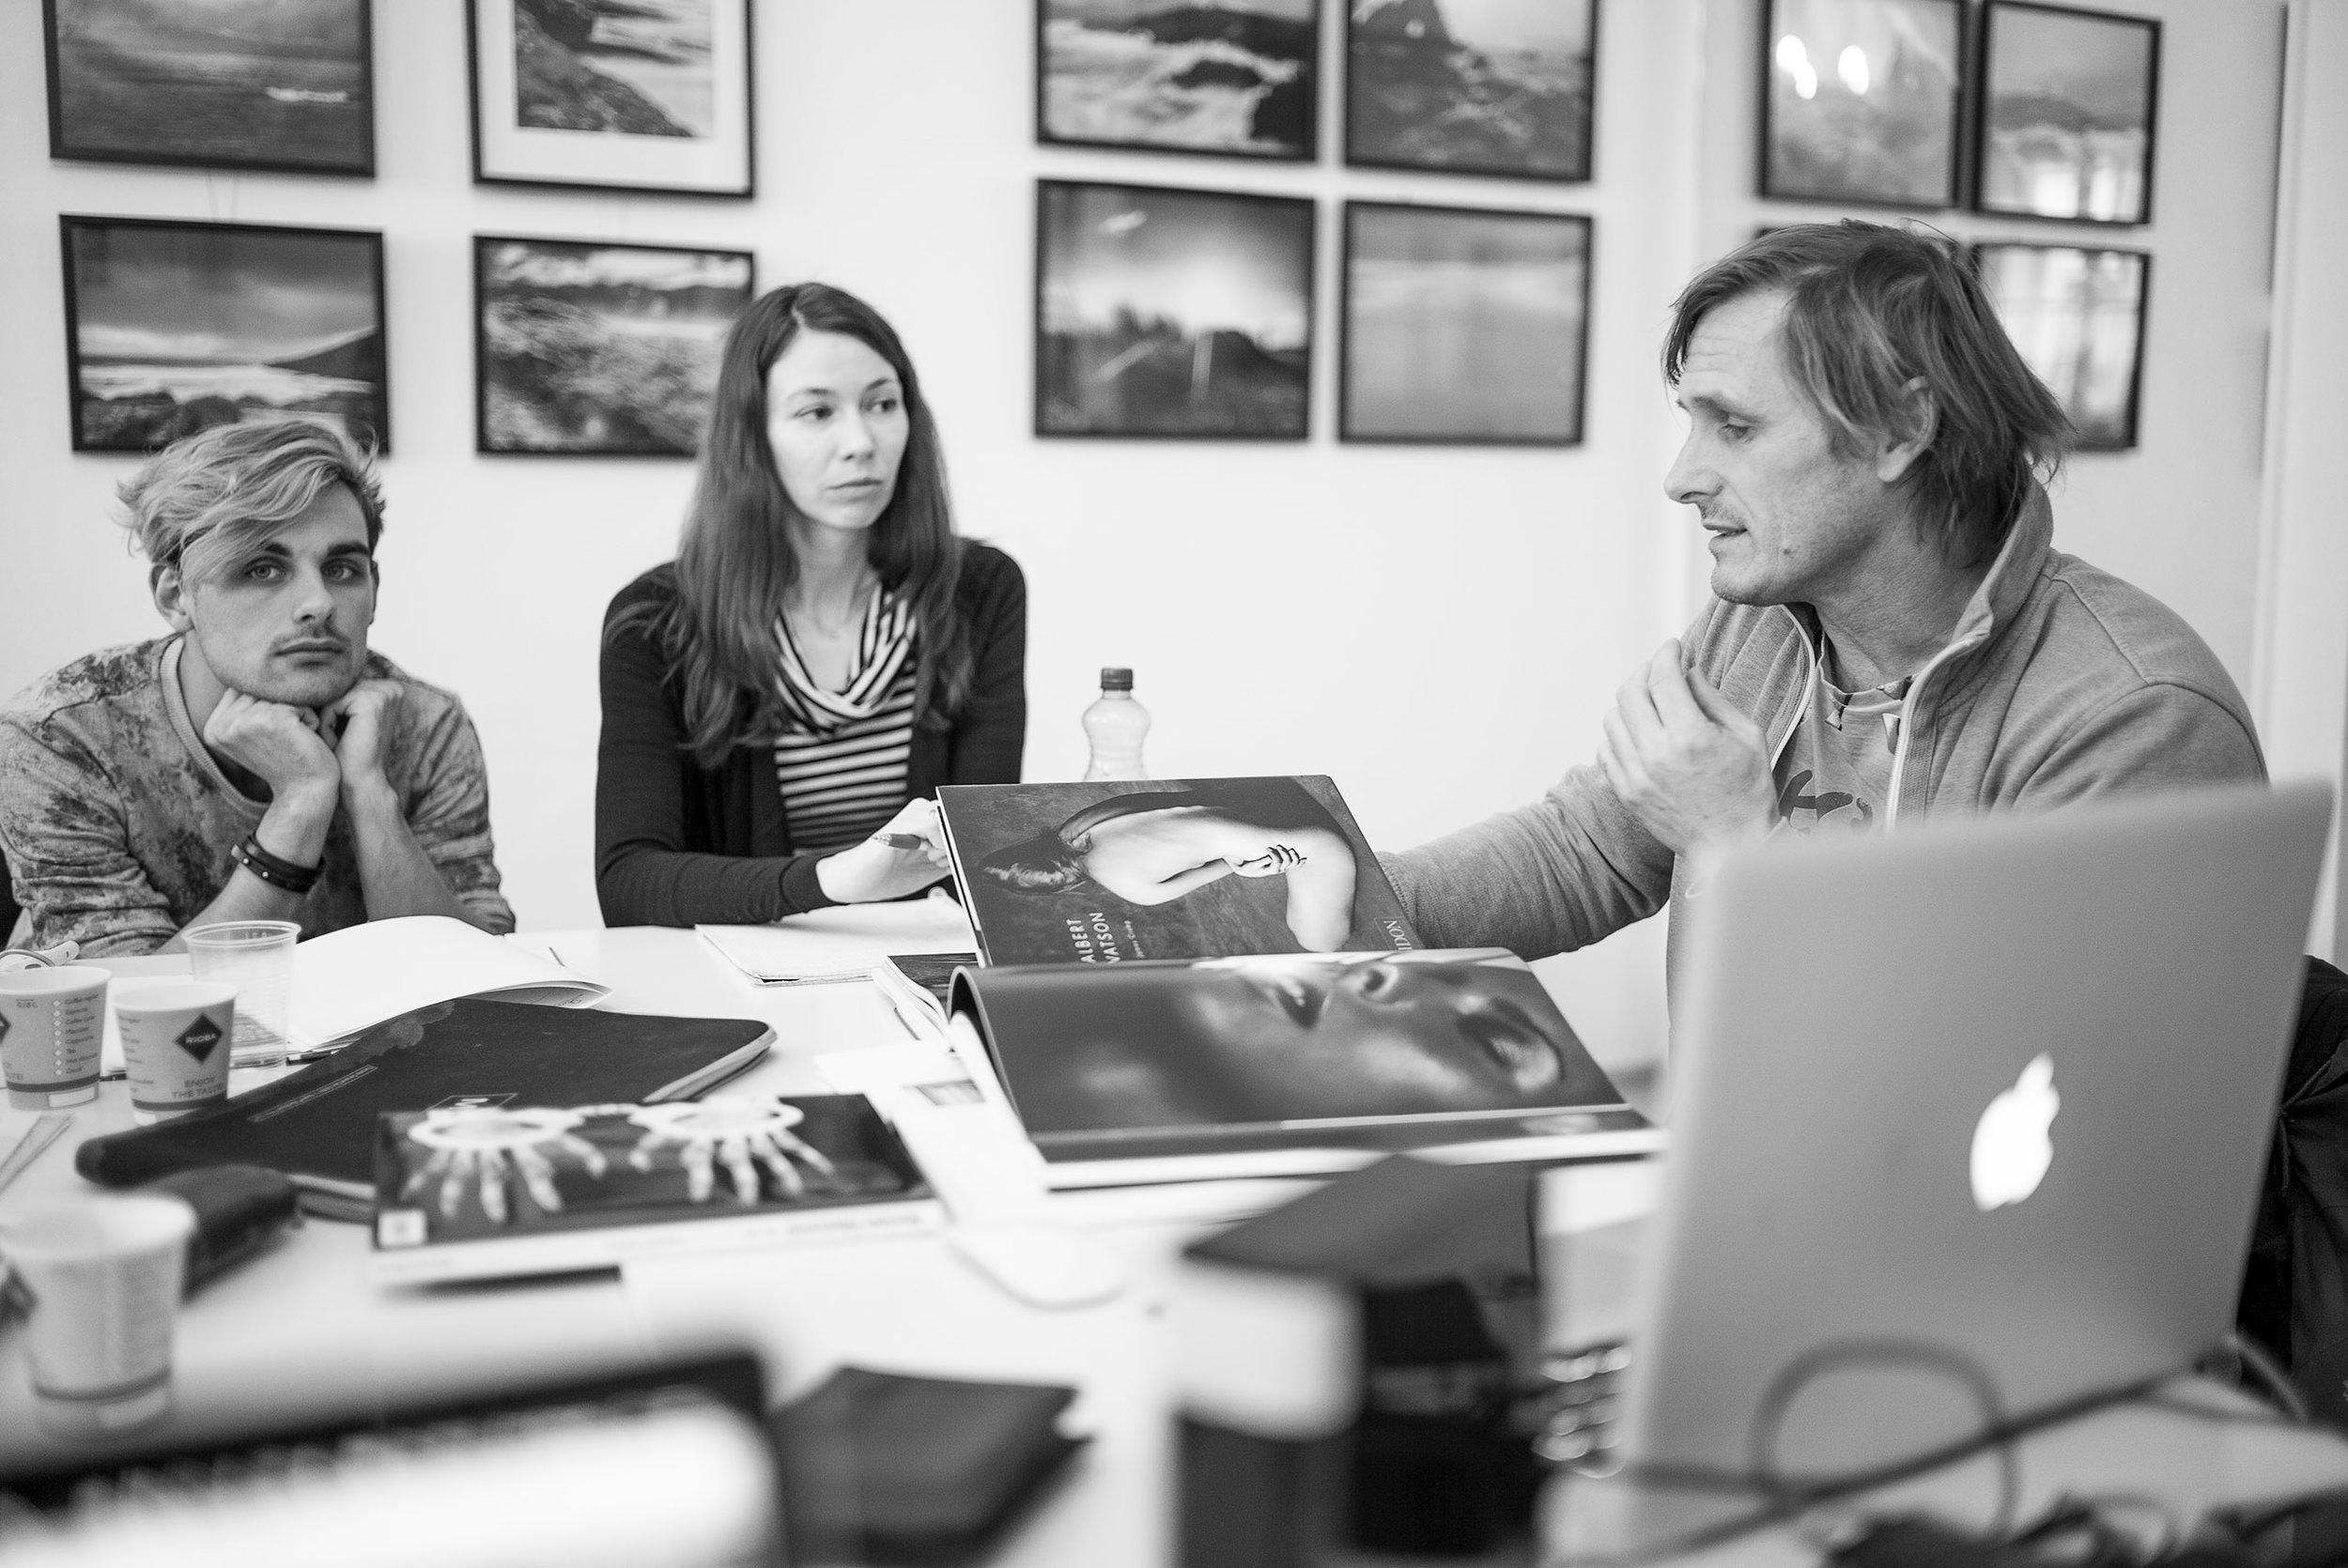 Roland Pum leitet die LIK Masterclass künstlerische Aktfotografie